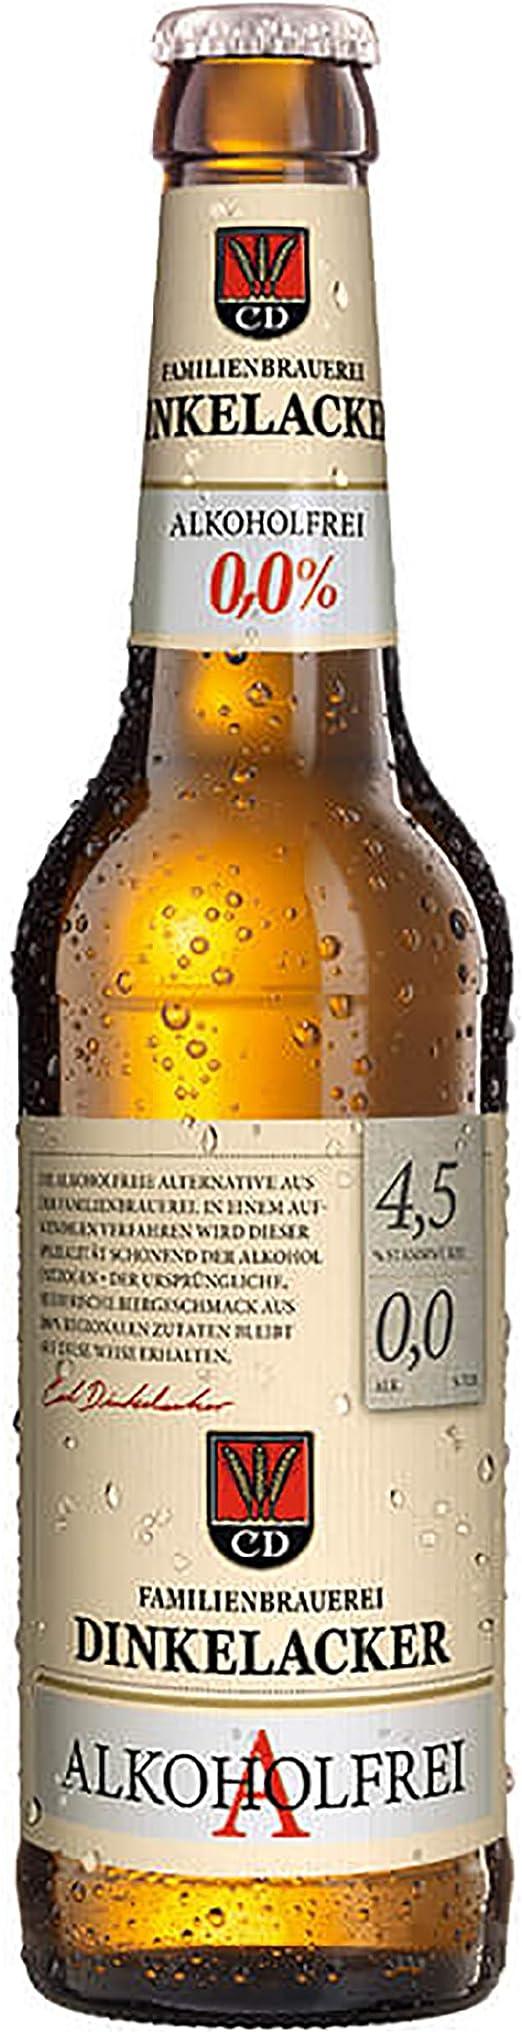 Caja con las mejores cervezas sin alcohol del mundo. Caja con 9 cervezas para disfrutar también con cervezas sin alcohol.: Amazon.es: Alimentación y bebidas